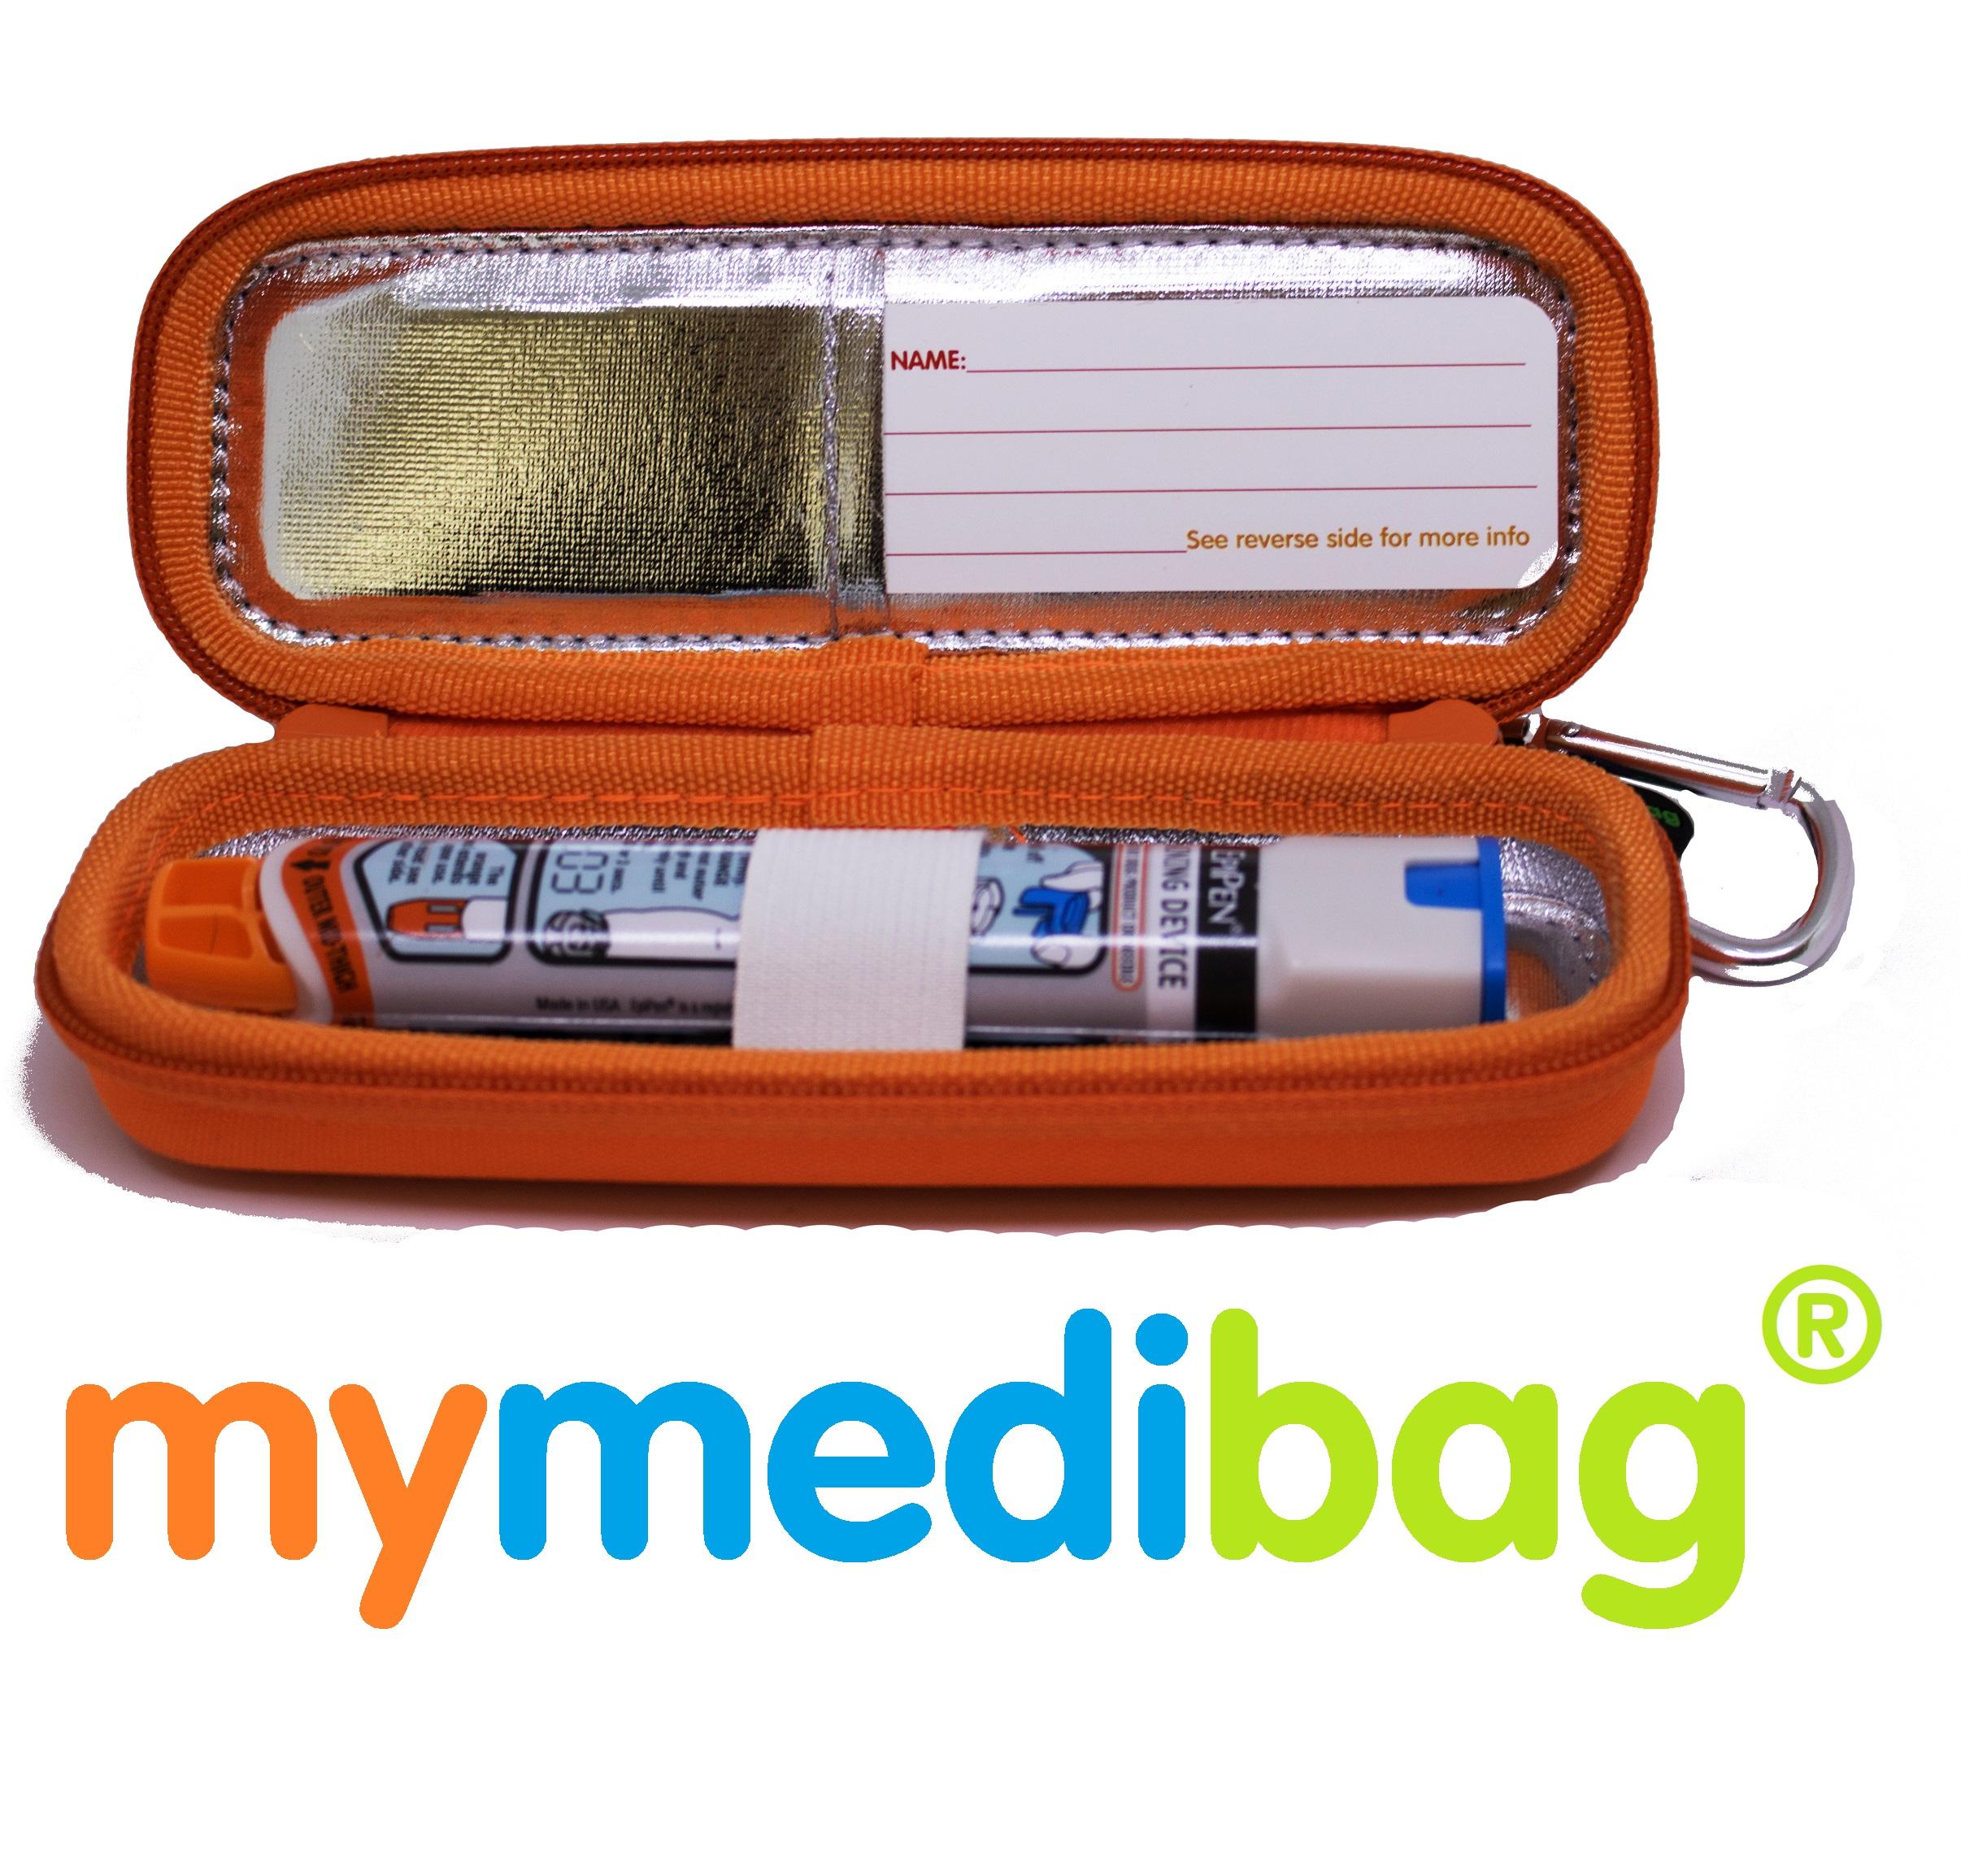 Mymedibag Single Epipen with Epipen